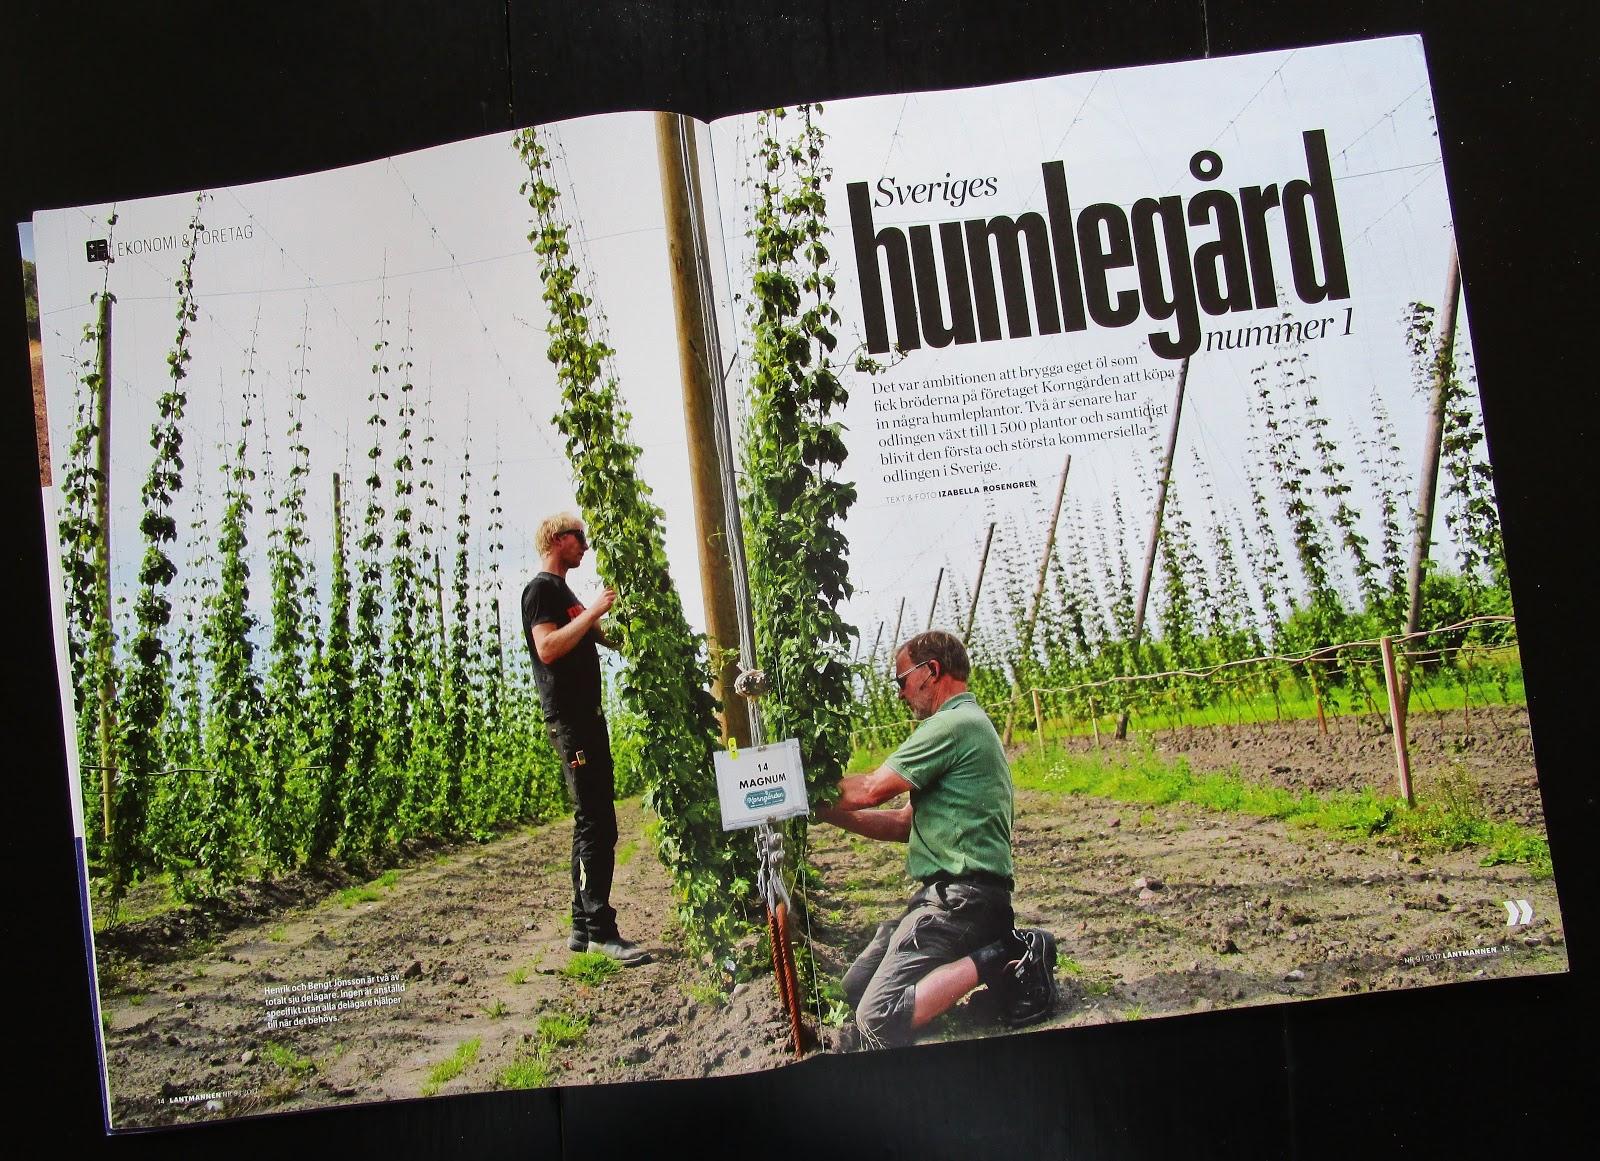 3cf9e5c5186 ... bröder fick idén att skaffa några humleplantor för att börja brygga.  Efter två år har de 1 500 plantor och den största kommersiella odlingen i  Sverige.